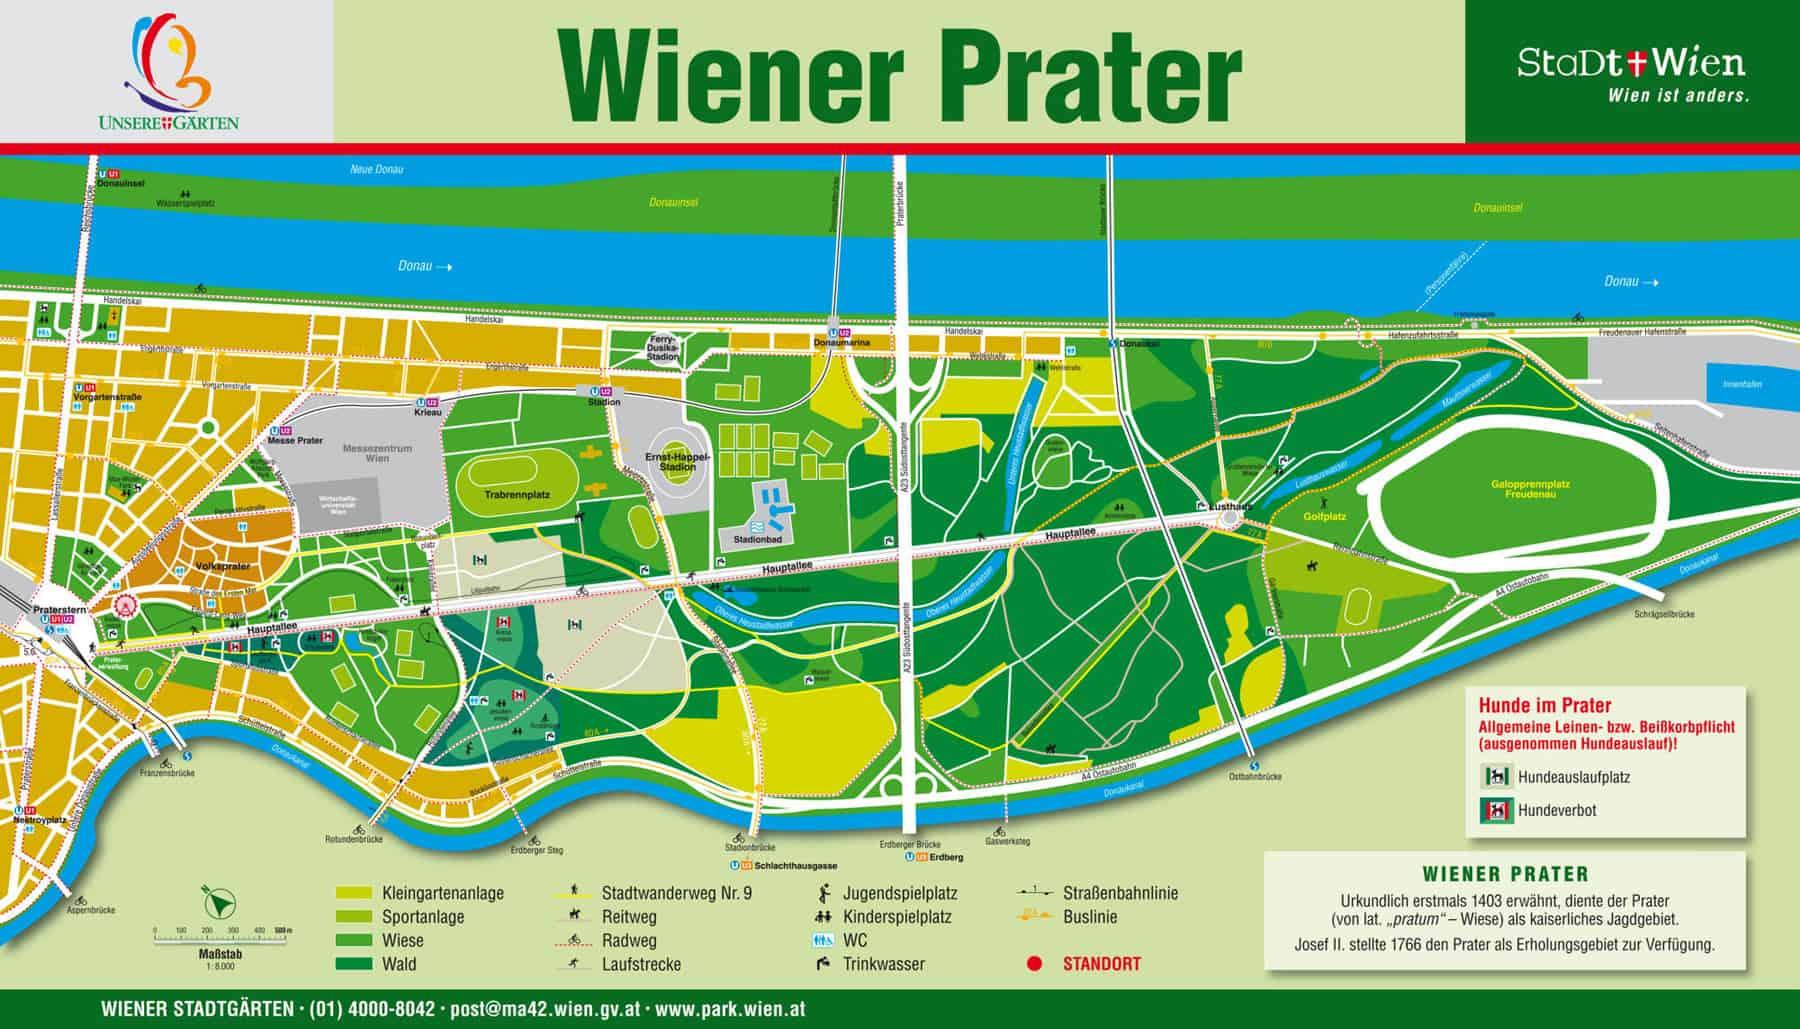 der Wiener Prater in unmittelbarer Nähe